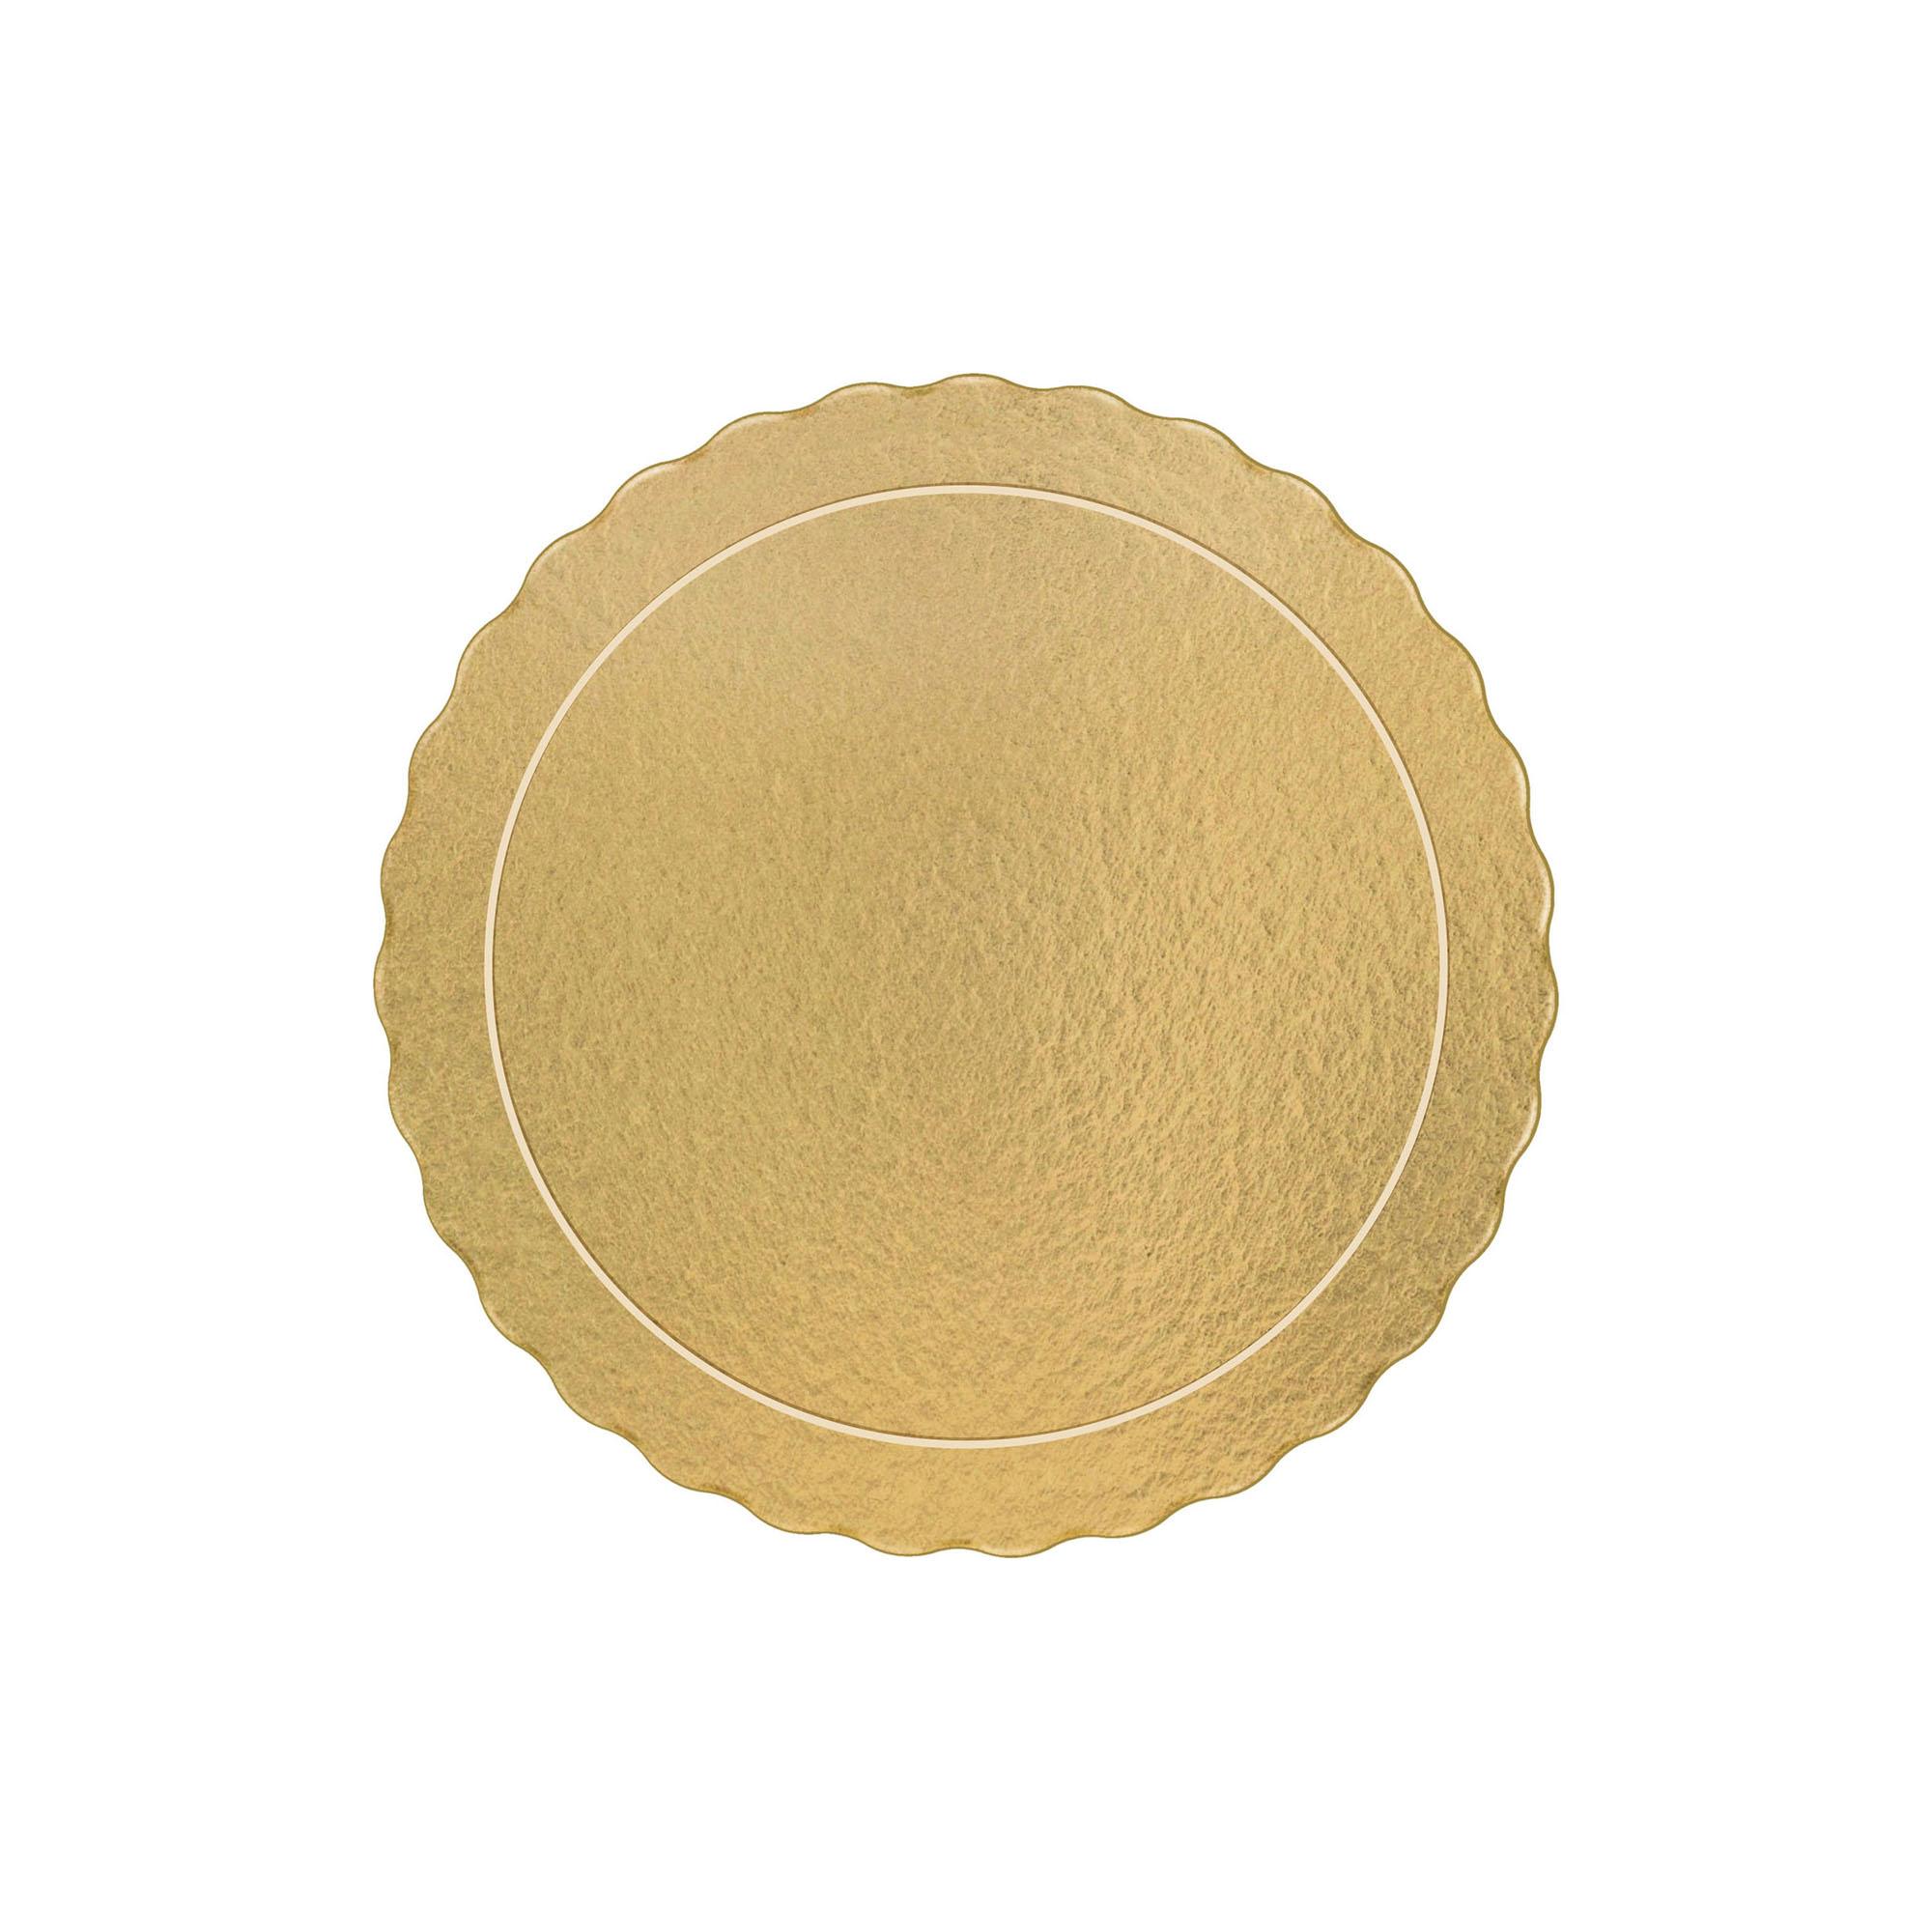 50 Bases Laminadas Para Bolo Redondo, Cake Board 32cm - Ouro